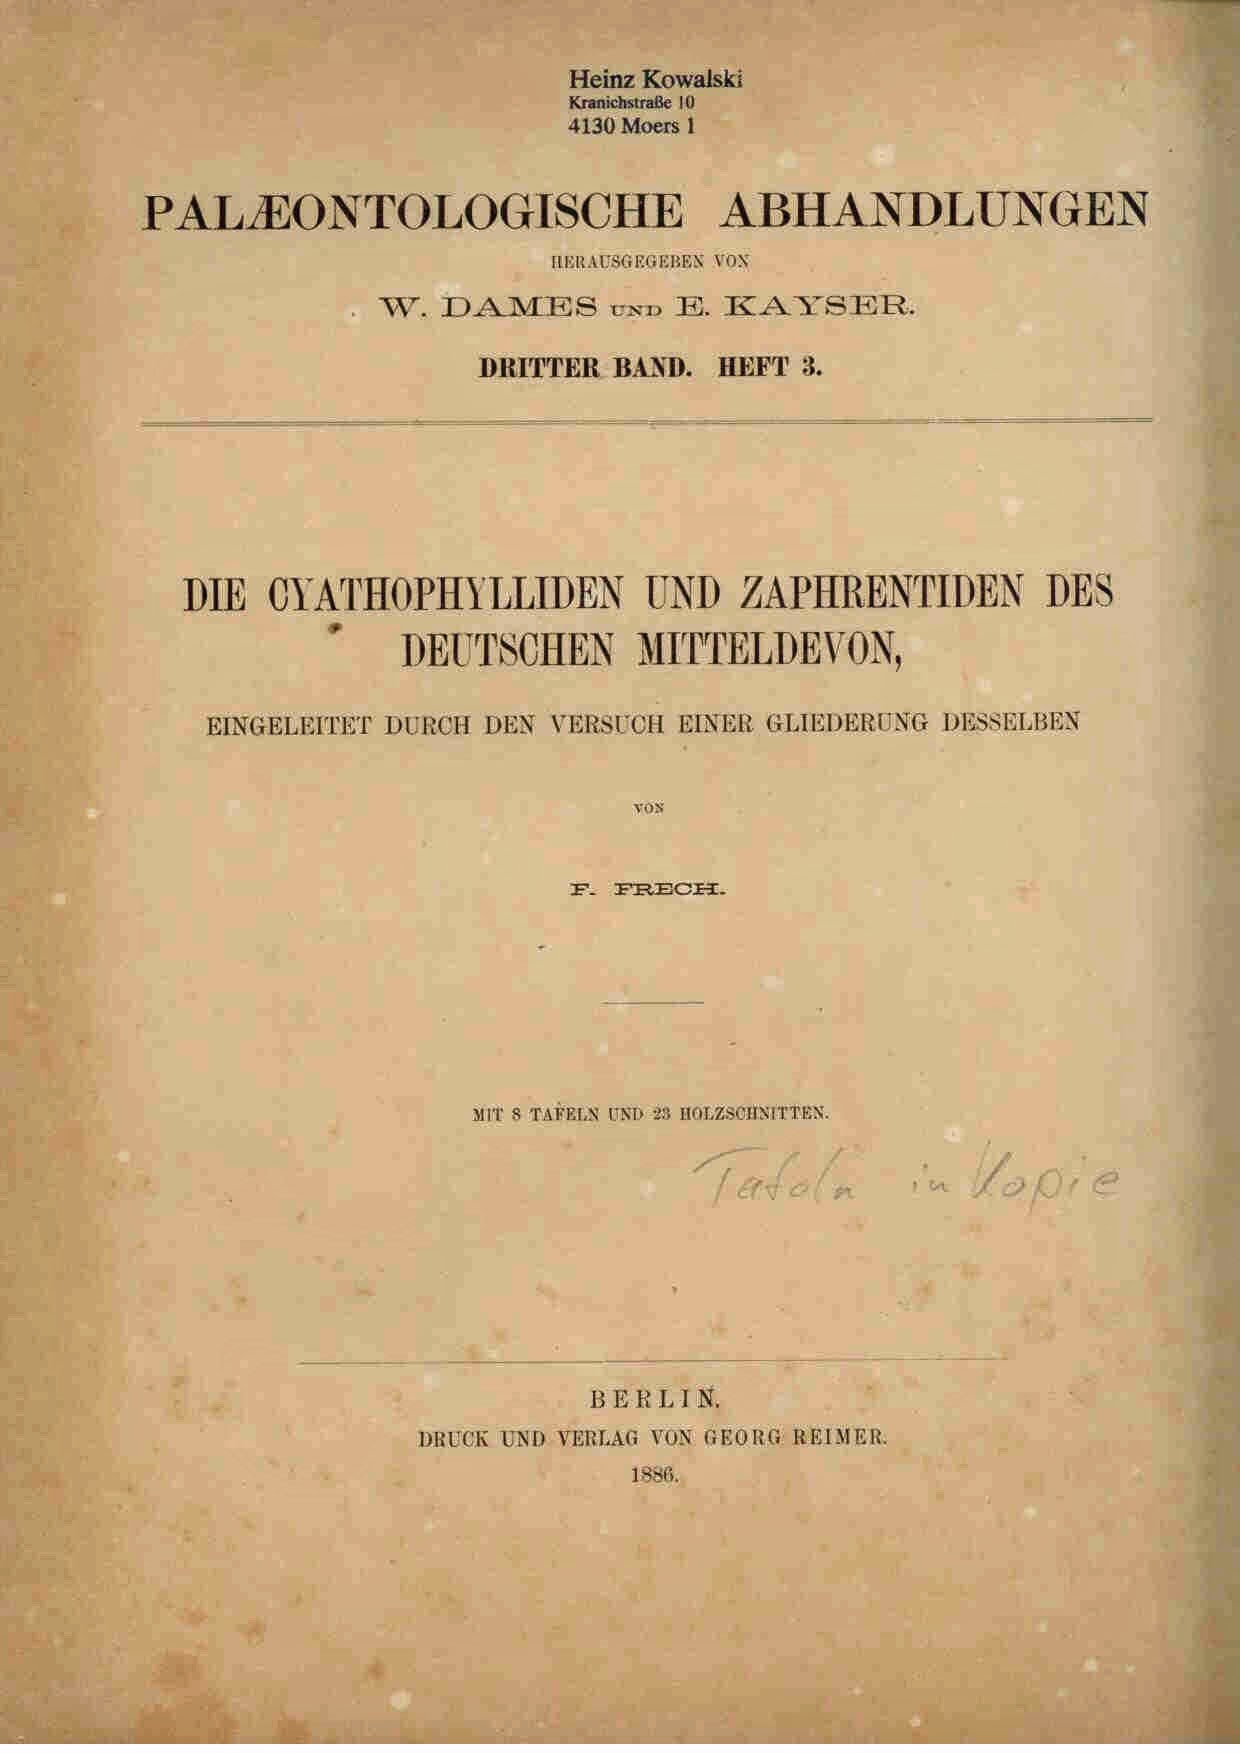 Frech, F.: Die Cyathophylliden und Zaphrentiden des deutschen Mitteldevon